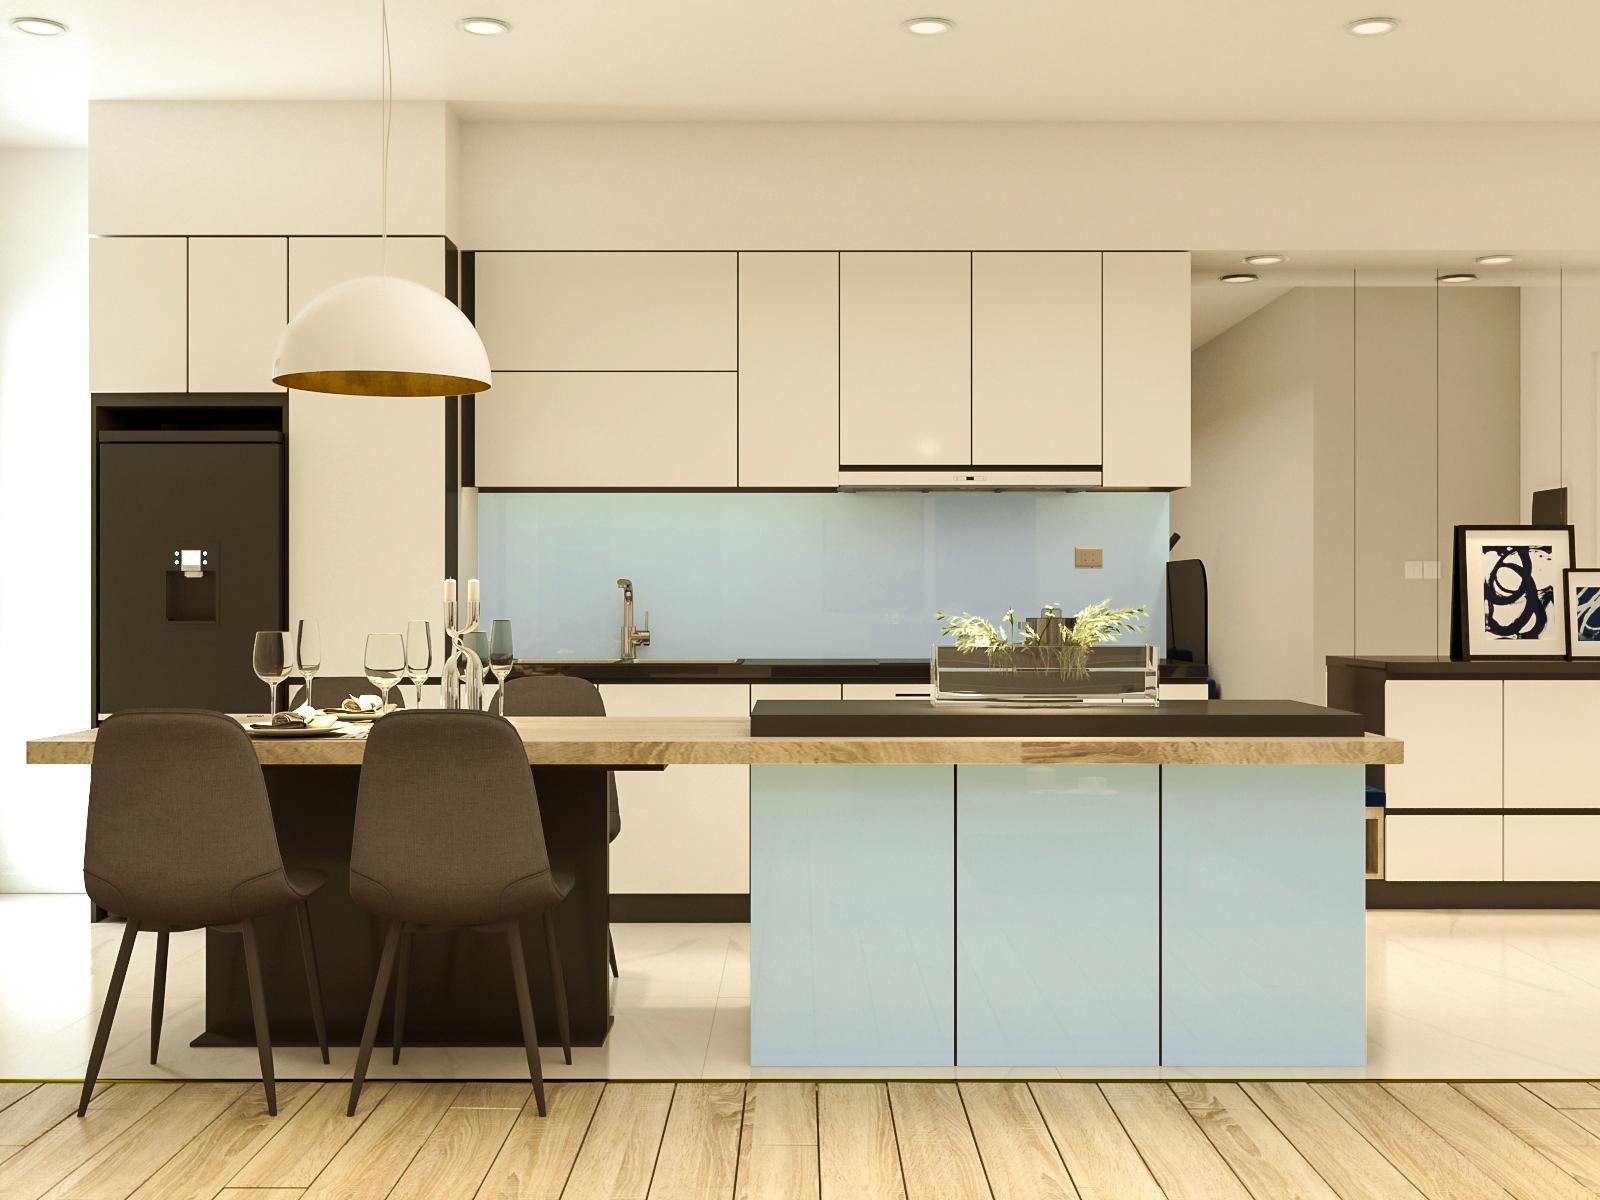 Tư vấn thiết kế cải tạo căn hộ chung cư diện tích 79m² với tổng chi phí 140 triệu đồng - Ảnh 5.